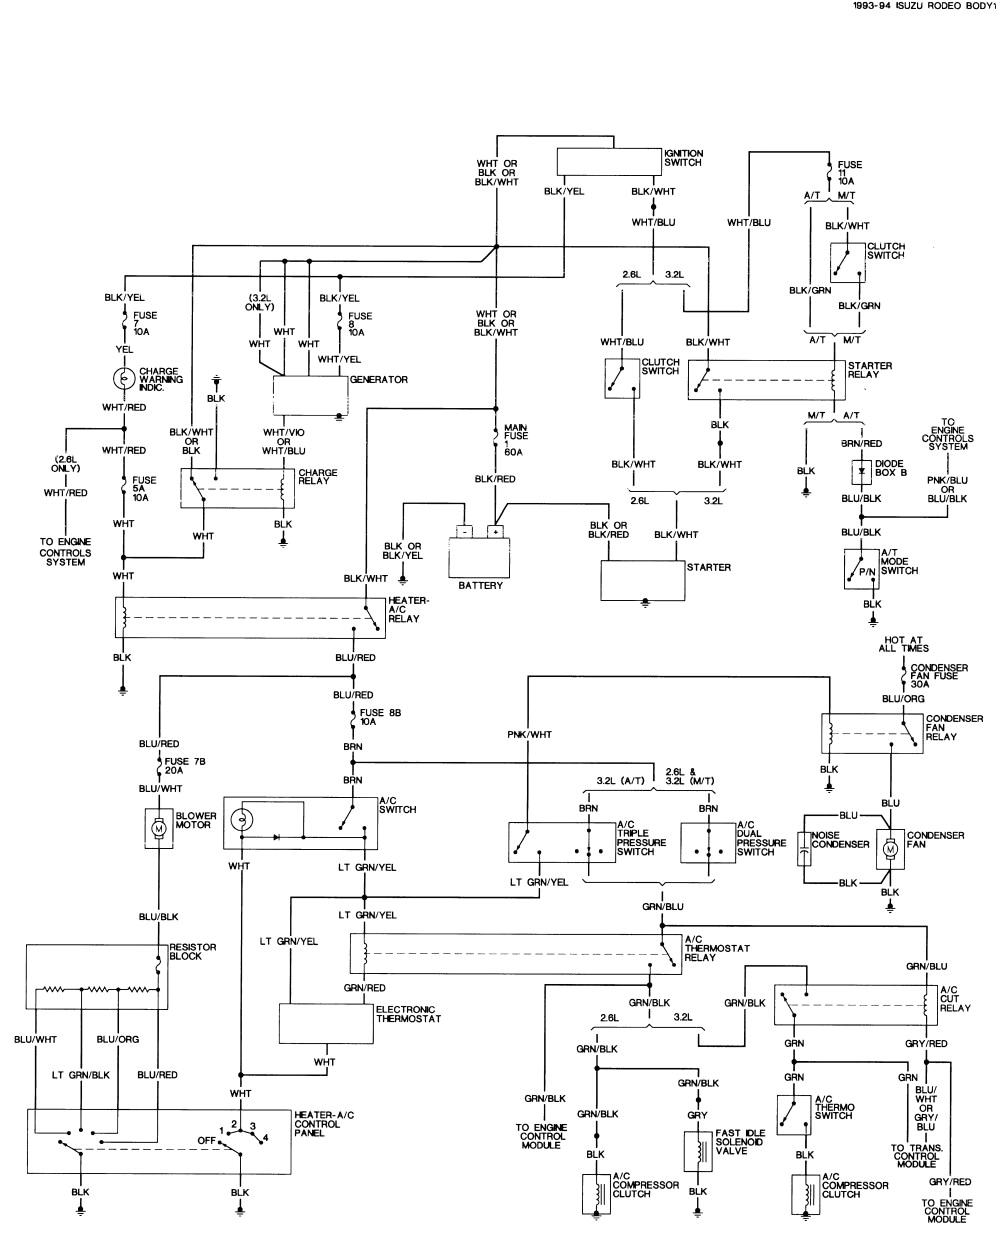 1992 isuzu npr wiring book diagram schema isuzu npr wiring diagram 2004 isuzu npr wiring